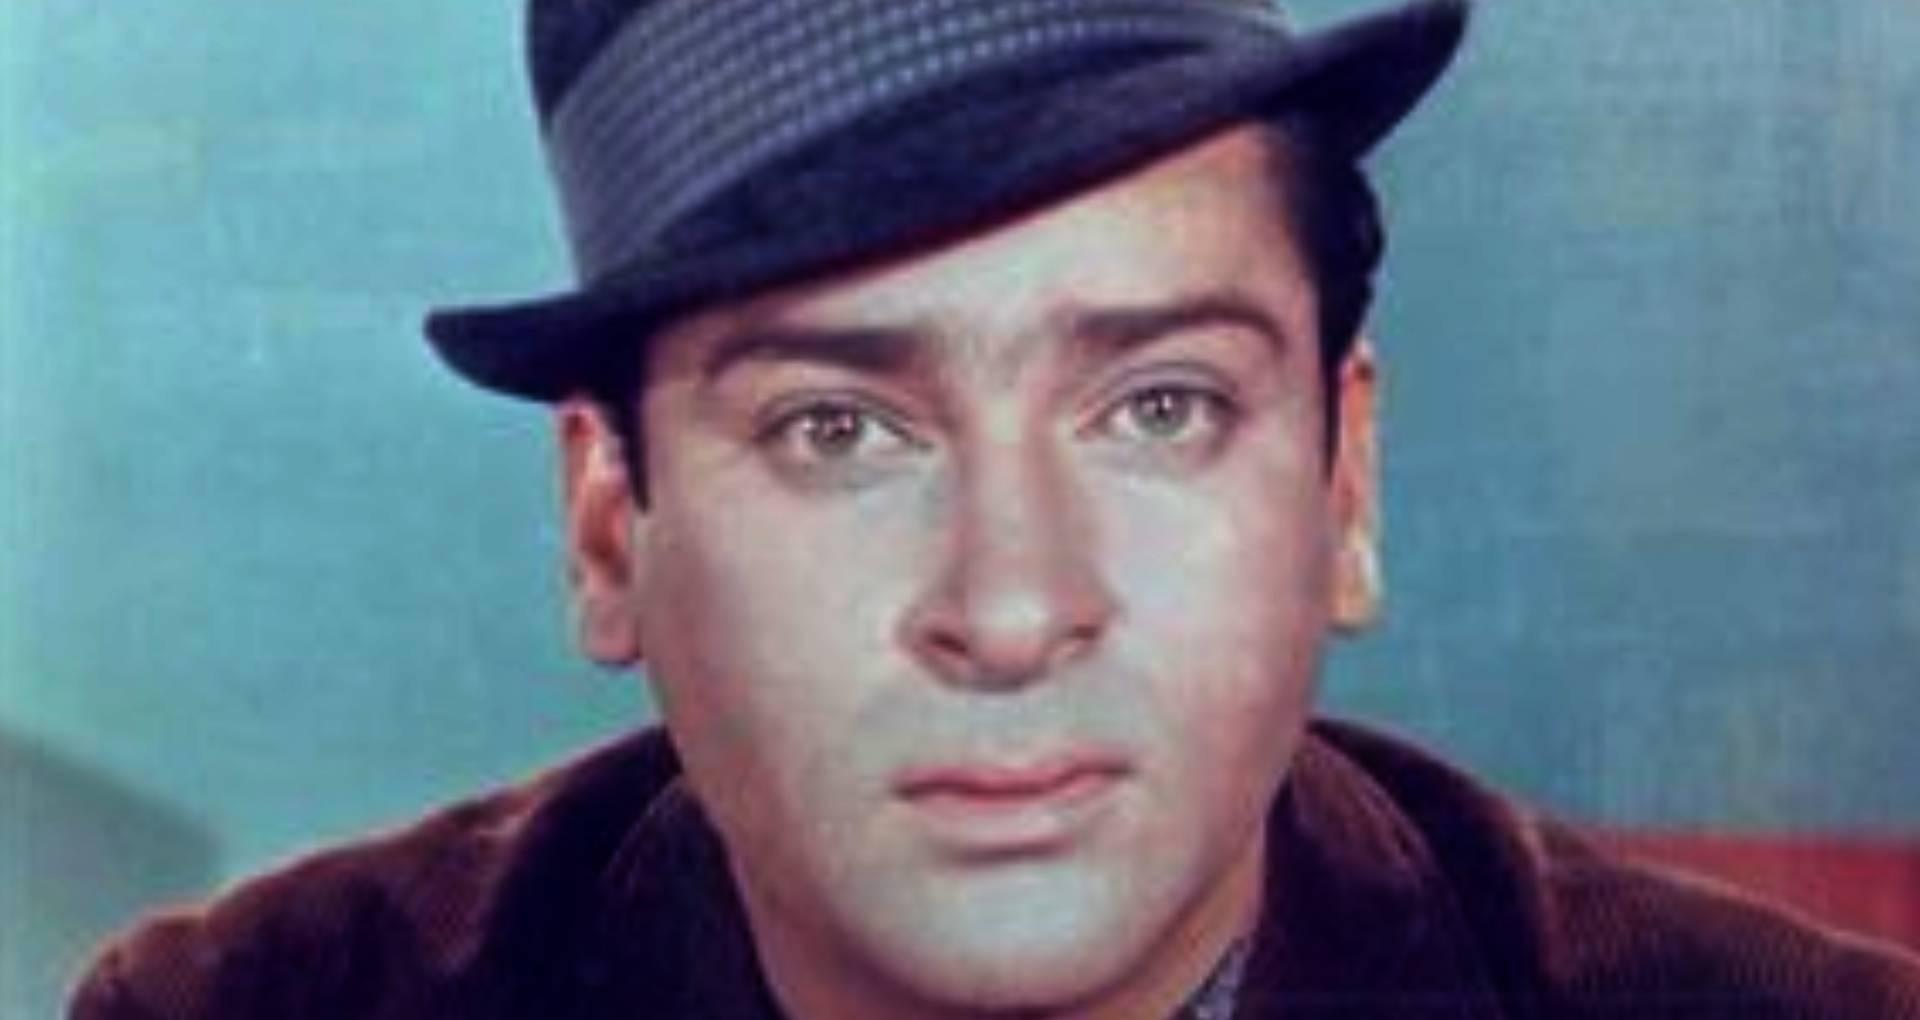 Shammi Kapoor Death Anniversary: ऋषि कपूर ने शम्मी कपूर को किया याद, जानिए उनकी लाइफ से जुड़ी कुछ अनसुने बातें